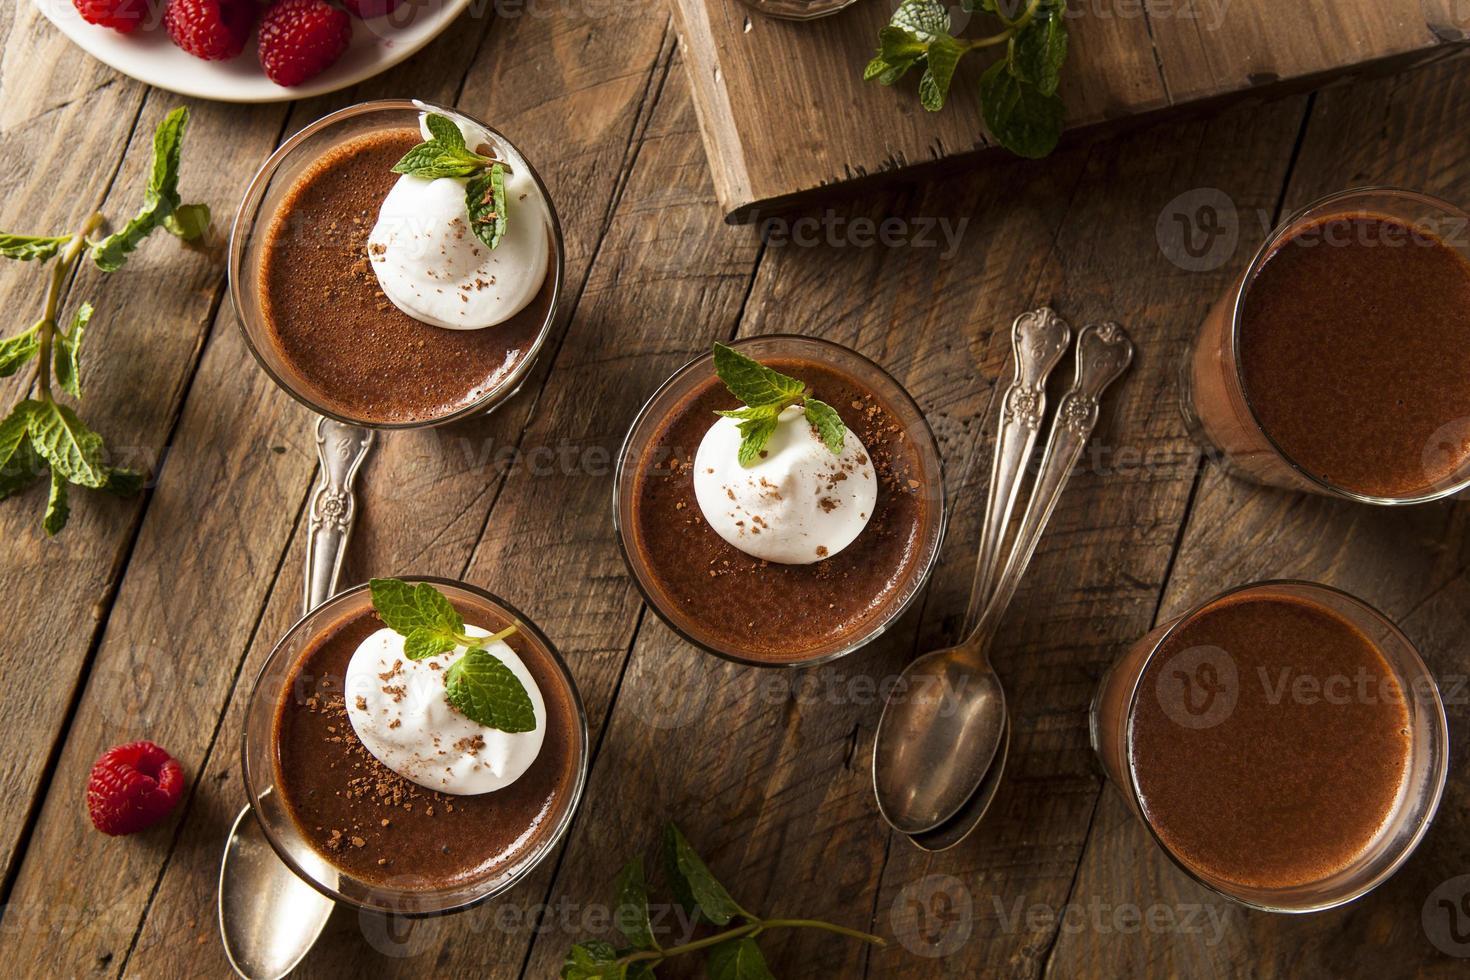 mousse de chocolate escuro caseiro foto